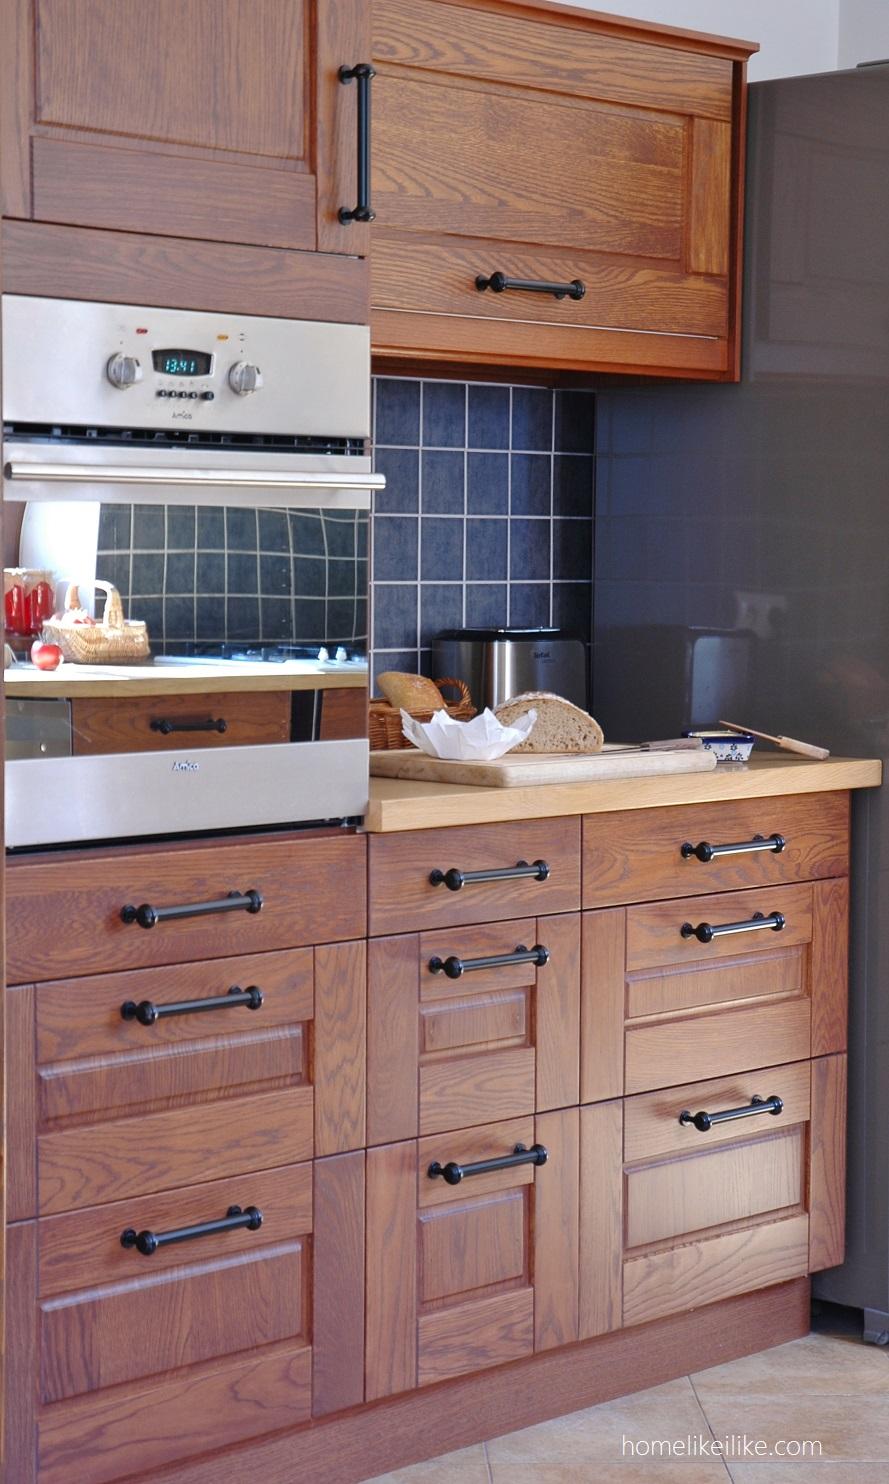 kuchnia ikea - homelikeilike.com